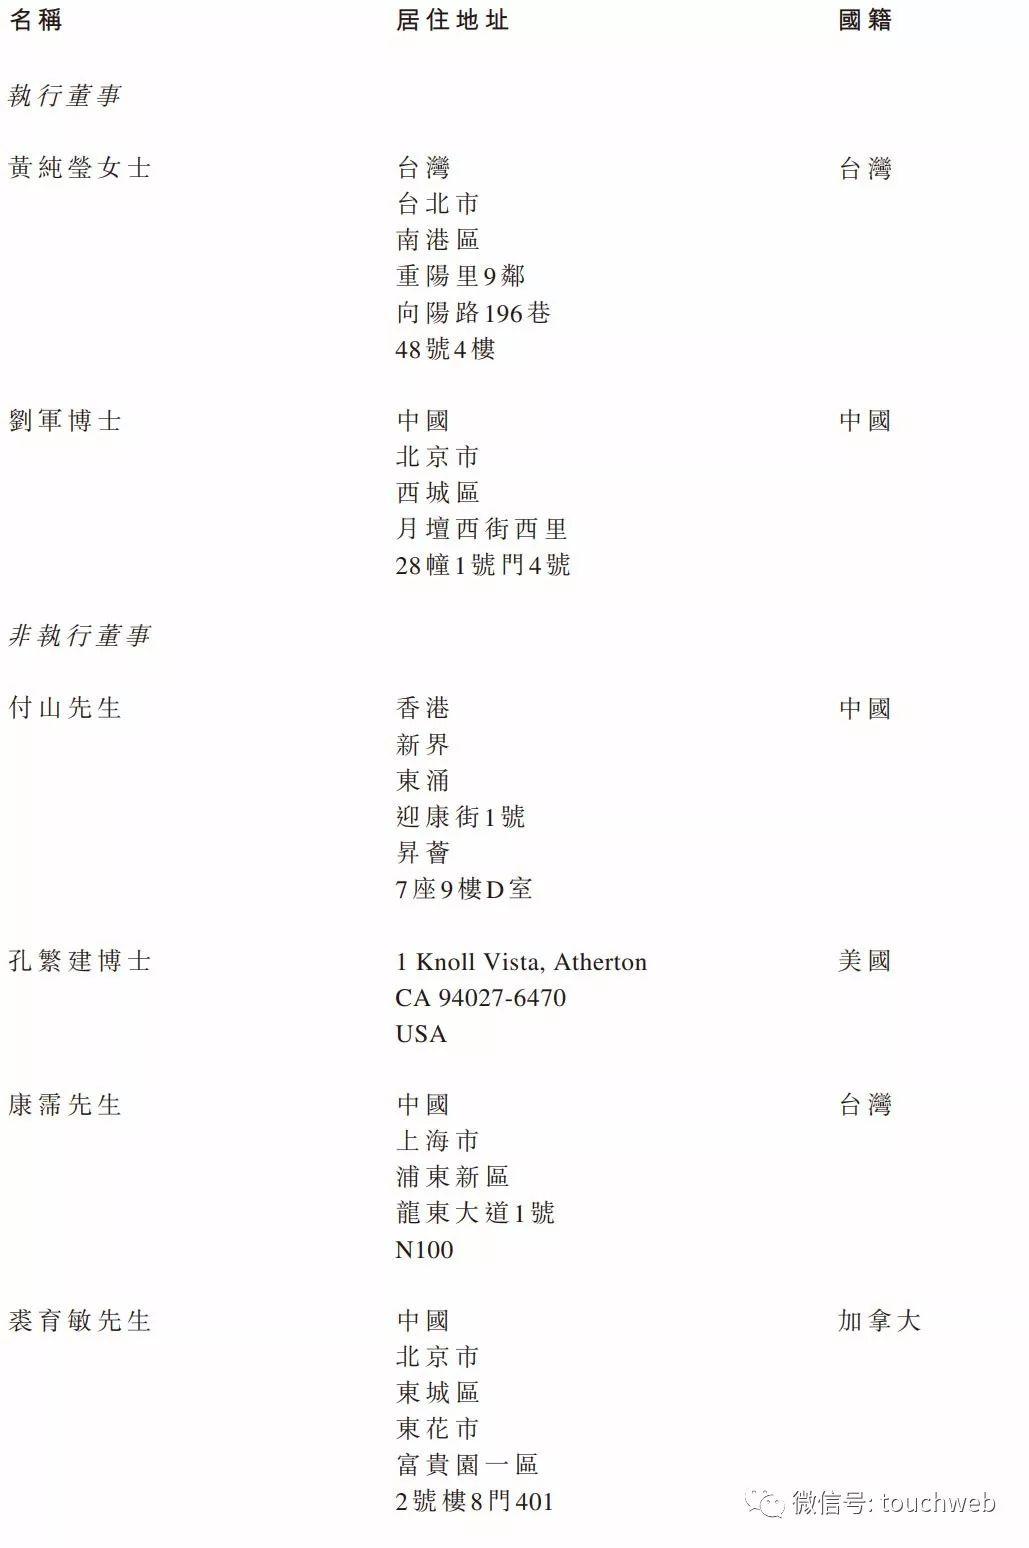 果博东方在线客服 淘宝发布《2019中国时尚趋势报告》,未来十年流行啥全说了!